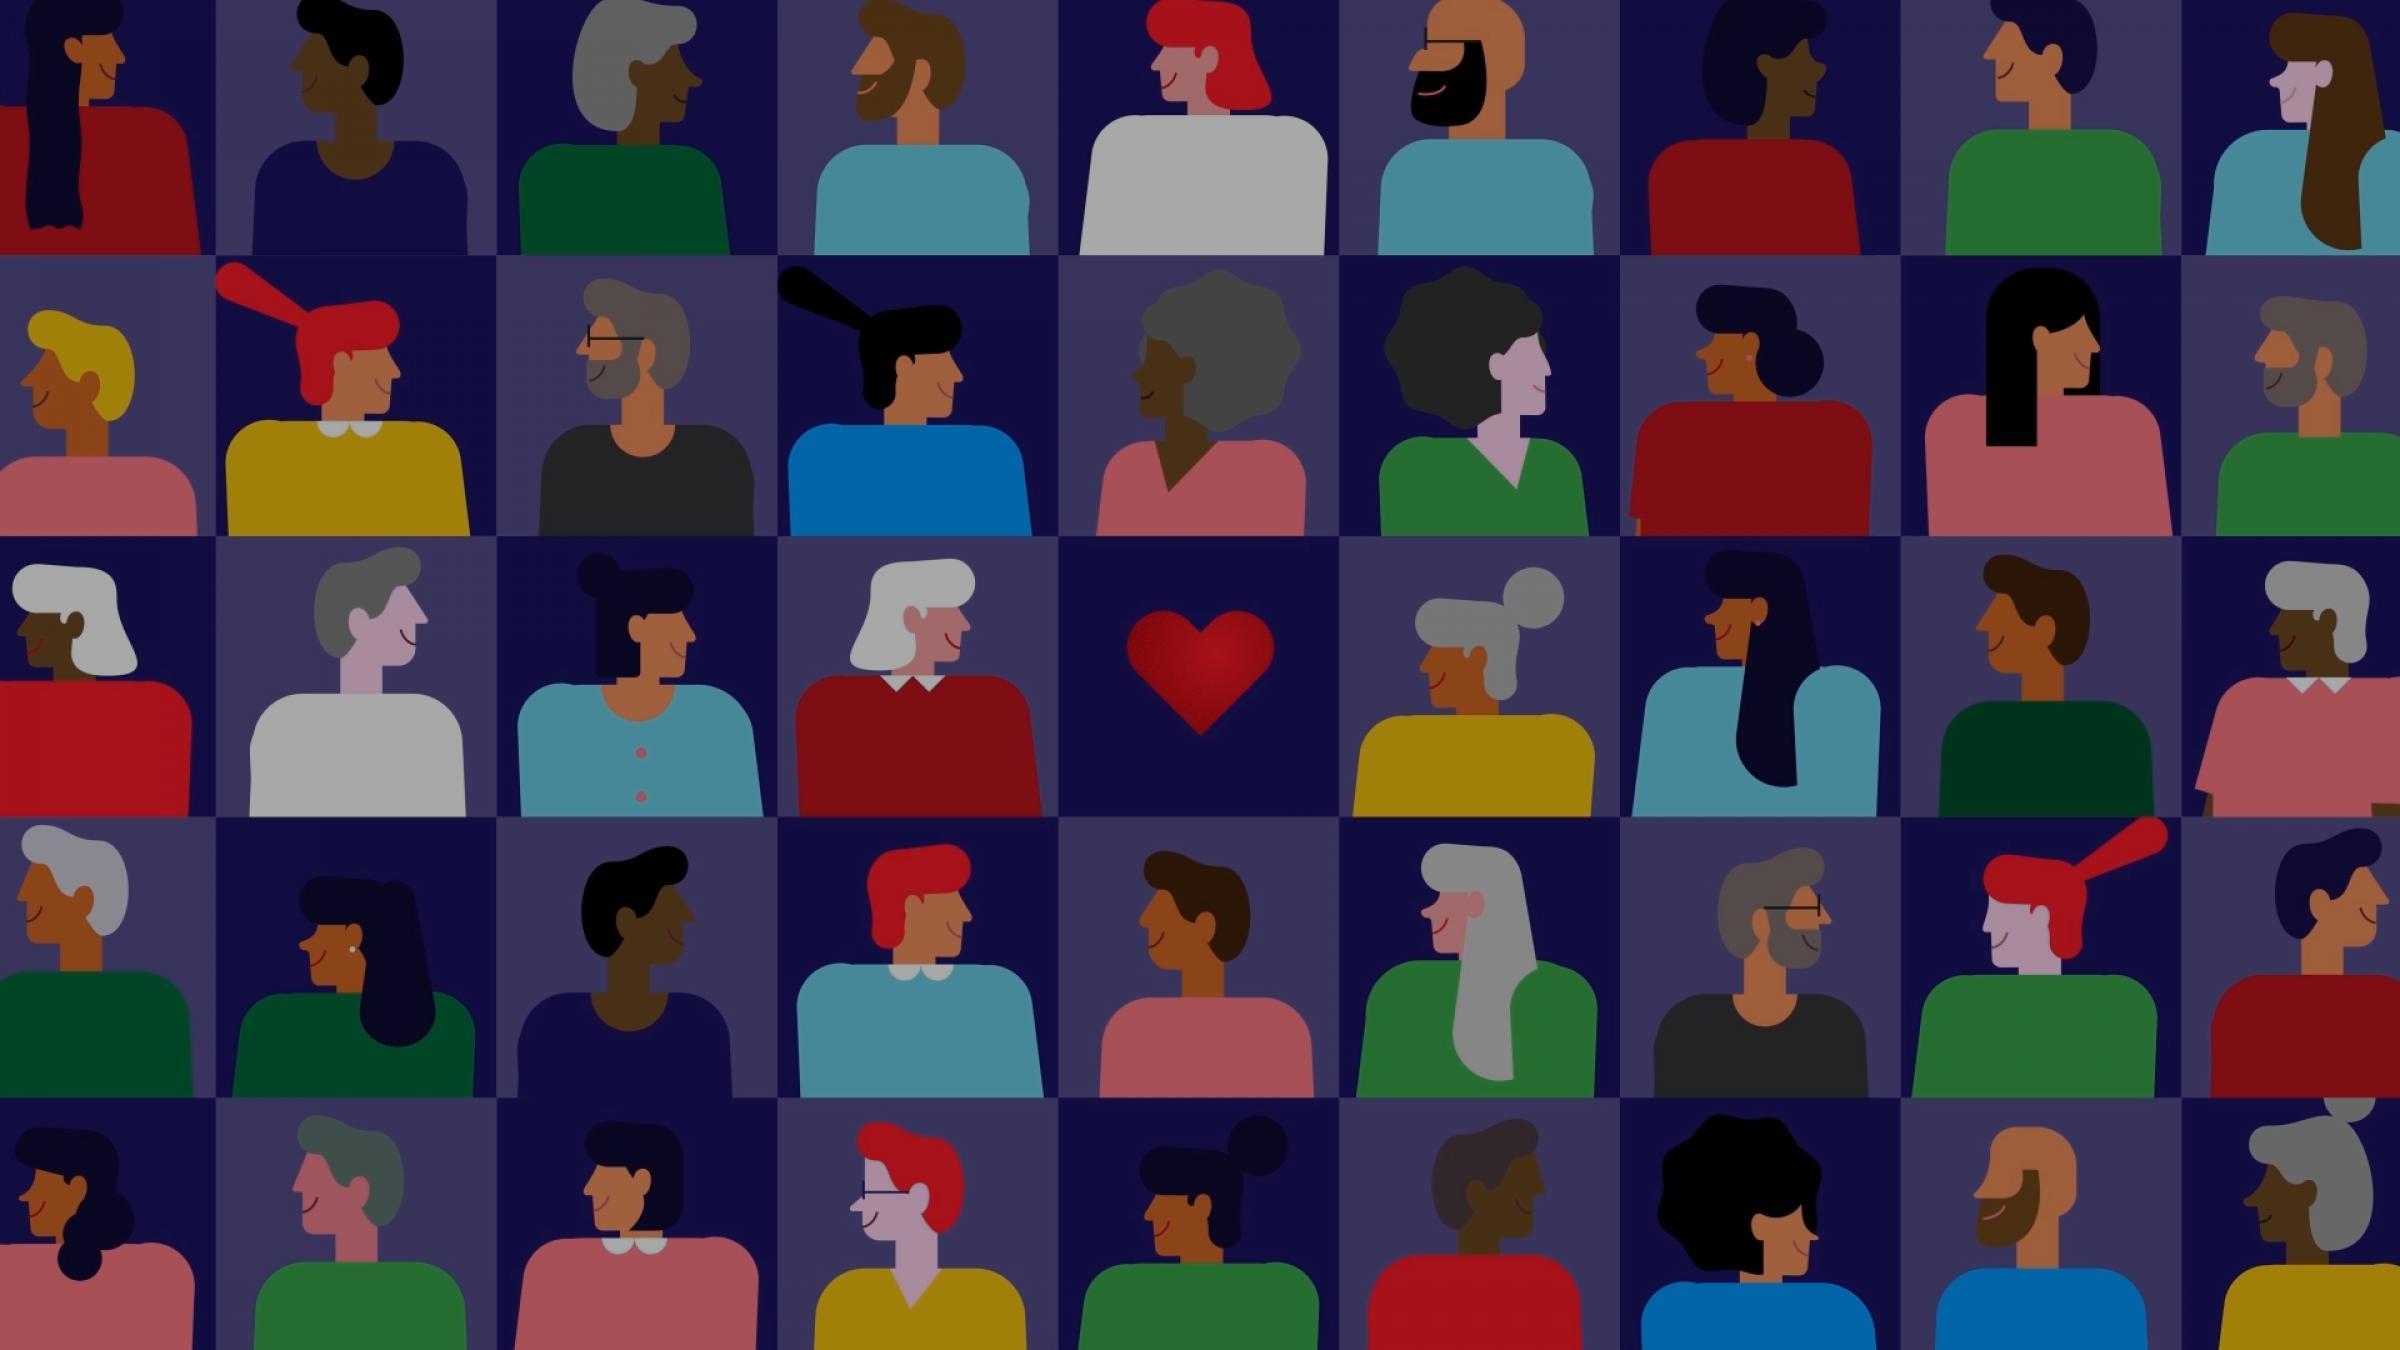 La coexistencia como bien jurídico fundamental y los derechos humanos